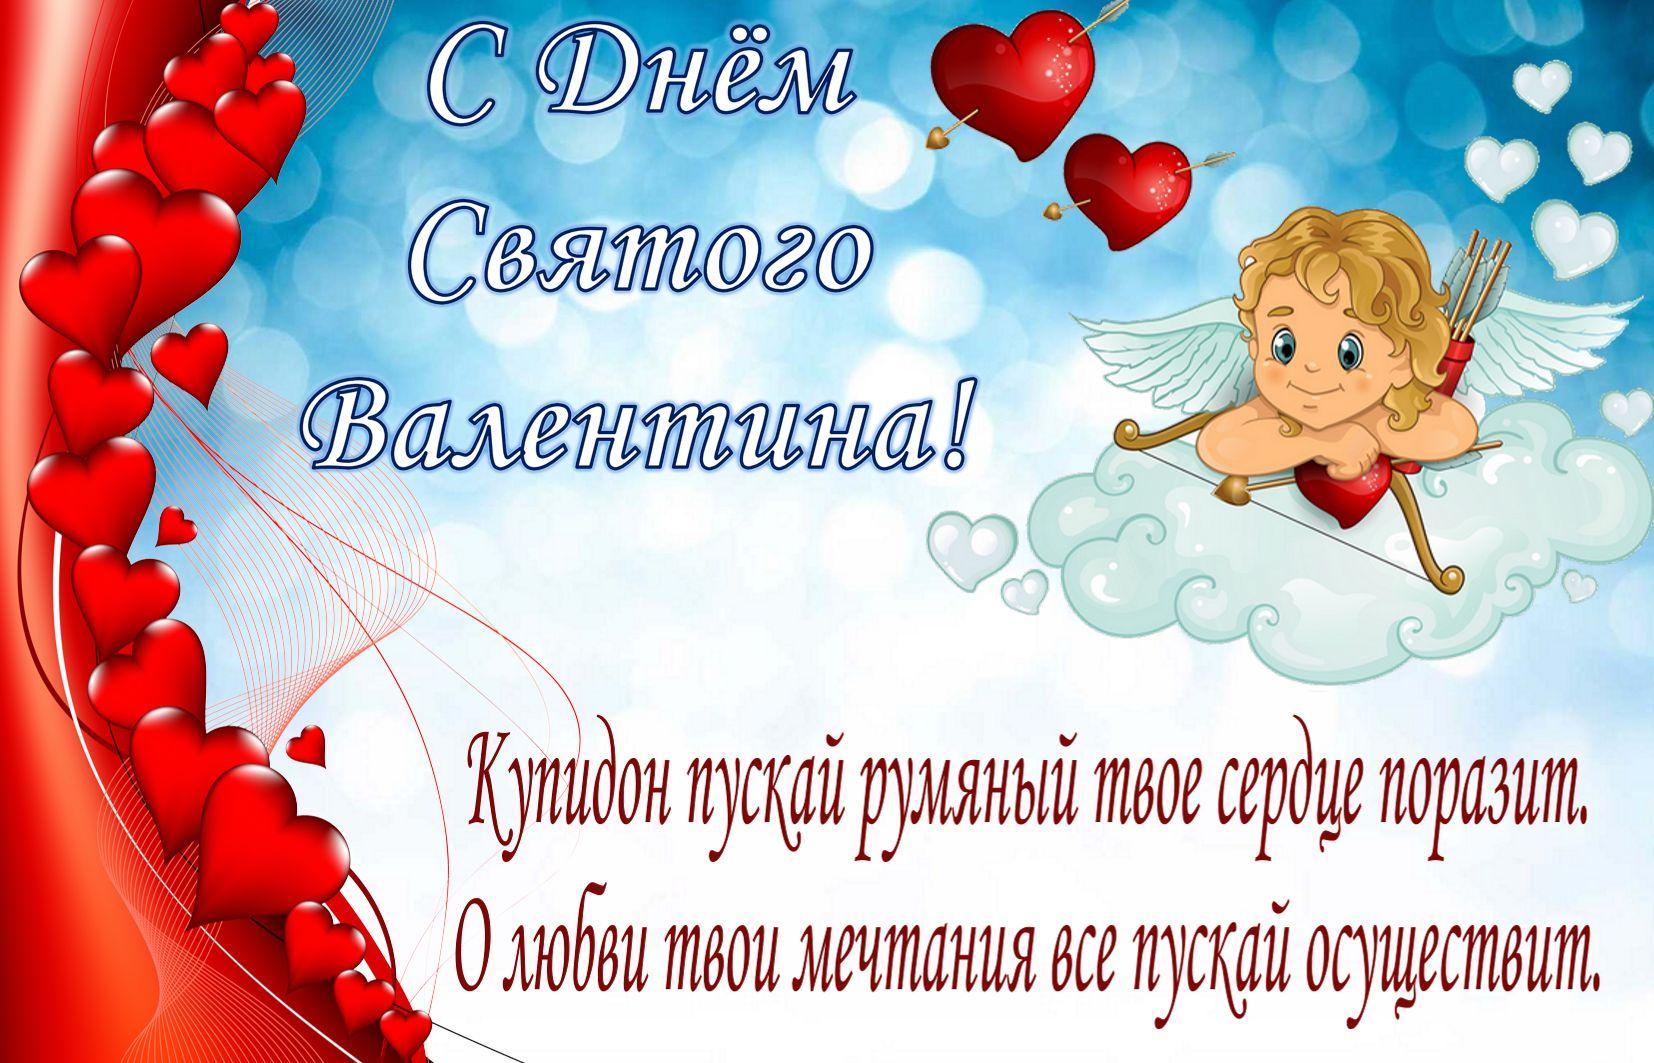 Открытка с днём Святого Валентина - купидон на фоне из сердечек